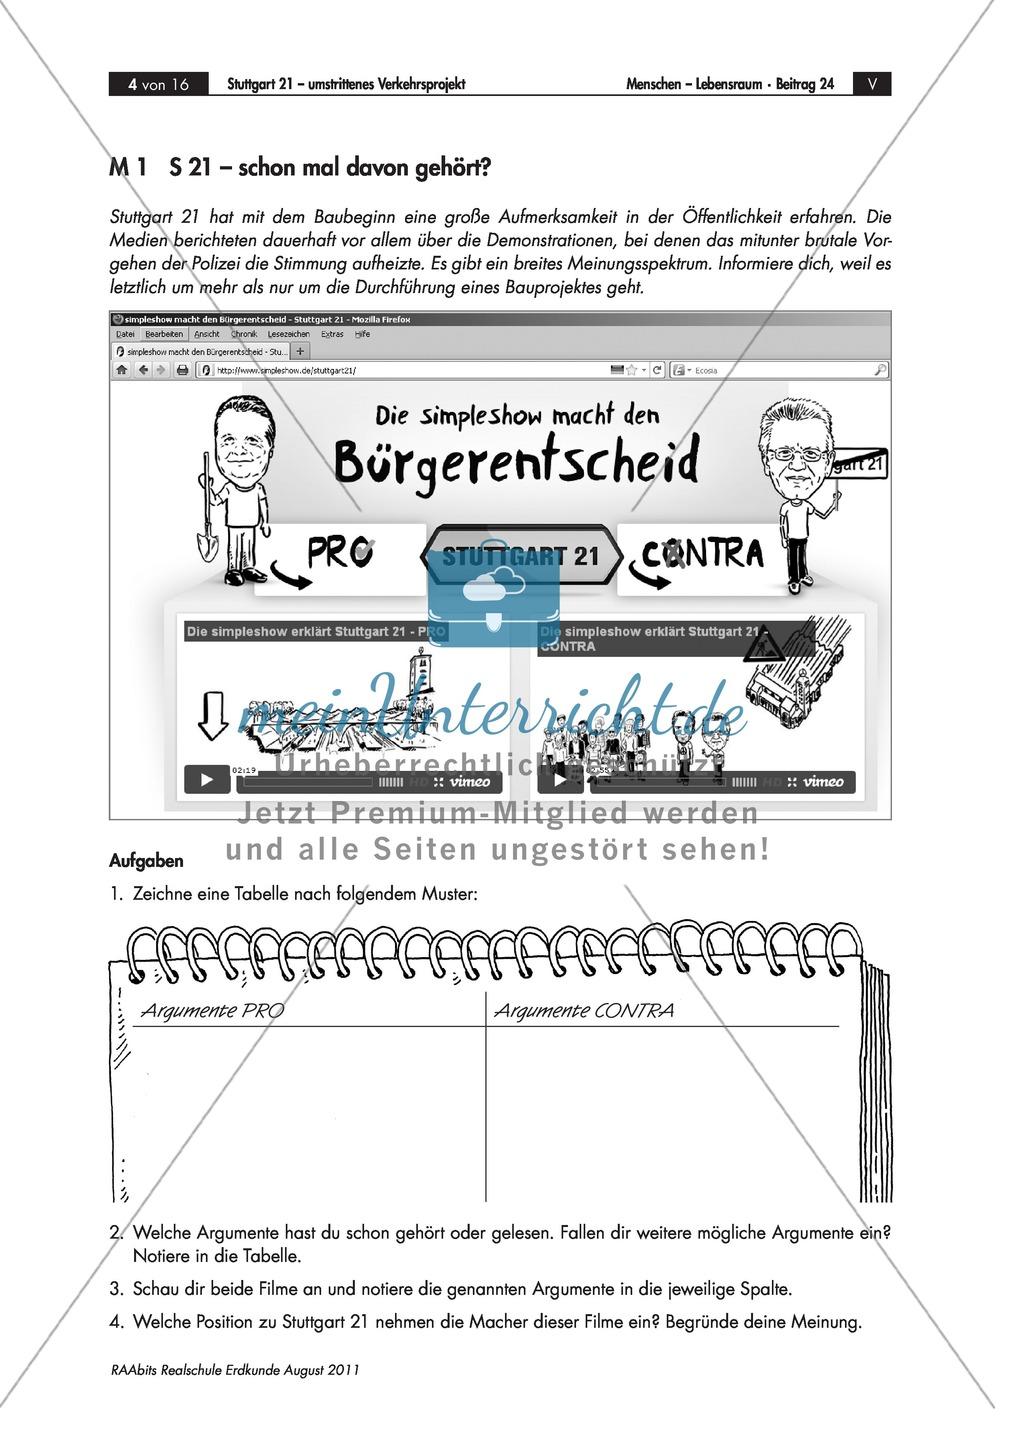 Stuttgart 21 - ein Verkehrs-Großprojekt: Vor- und Nachteile + Rollenspiel Preview 0